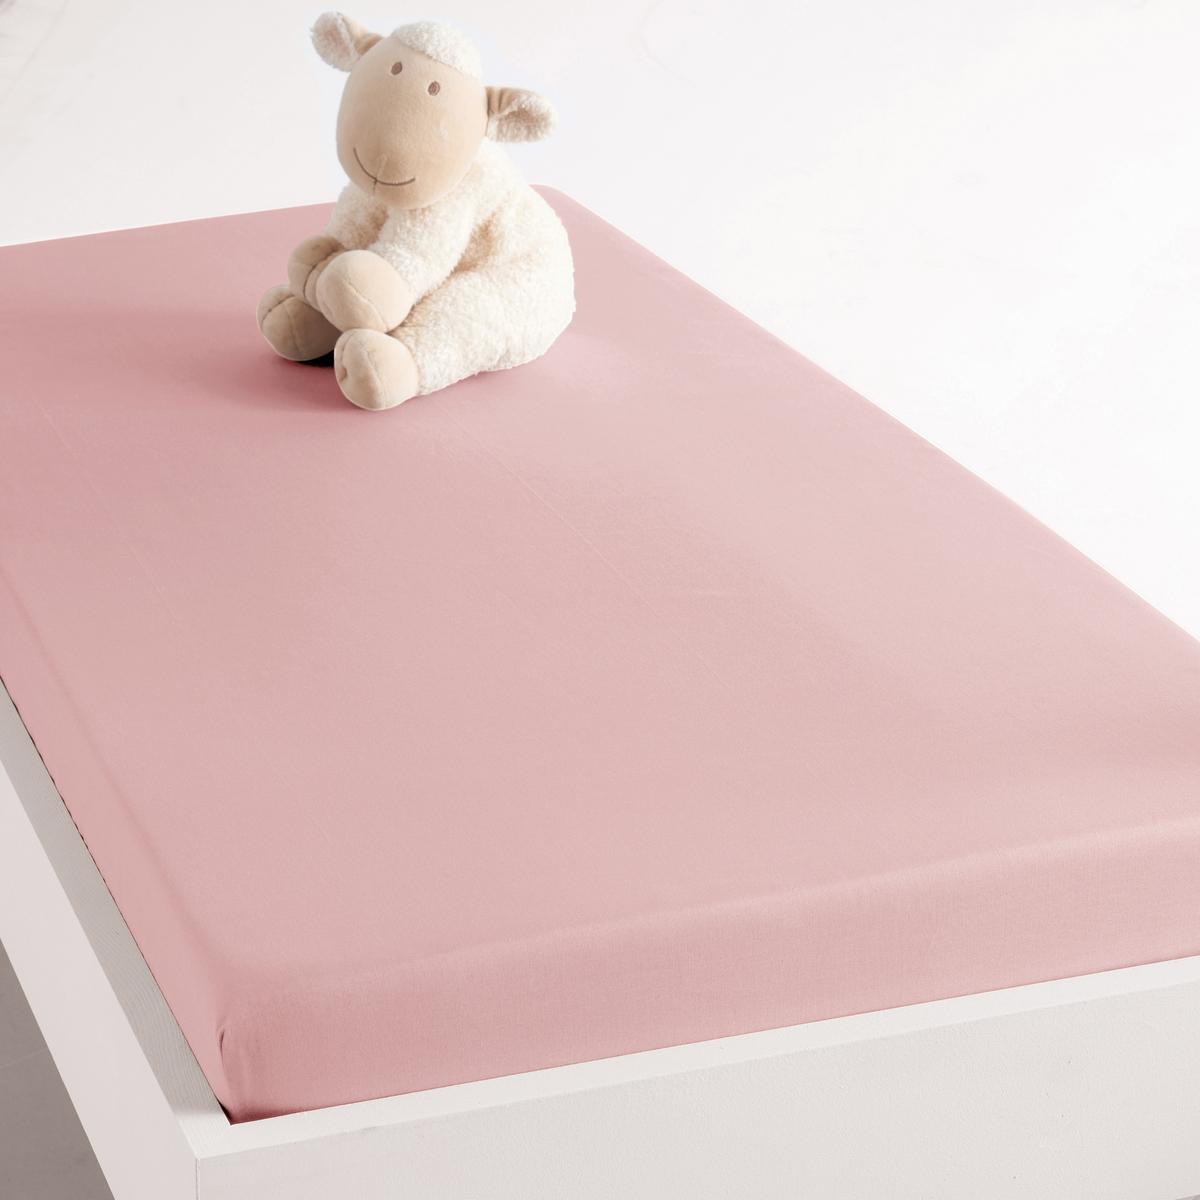 Простыня натяжная для кроватки грудного ребенка из биохлопка